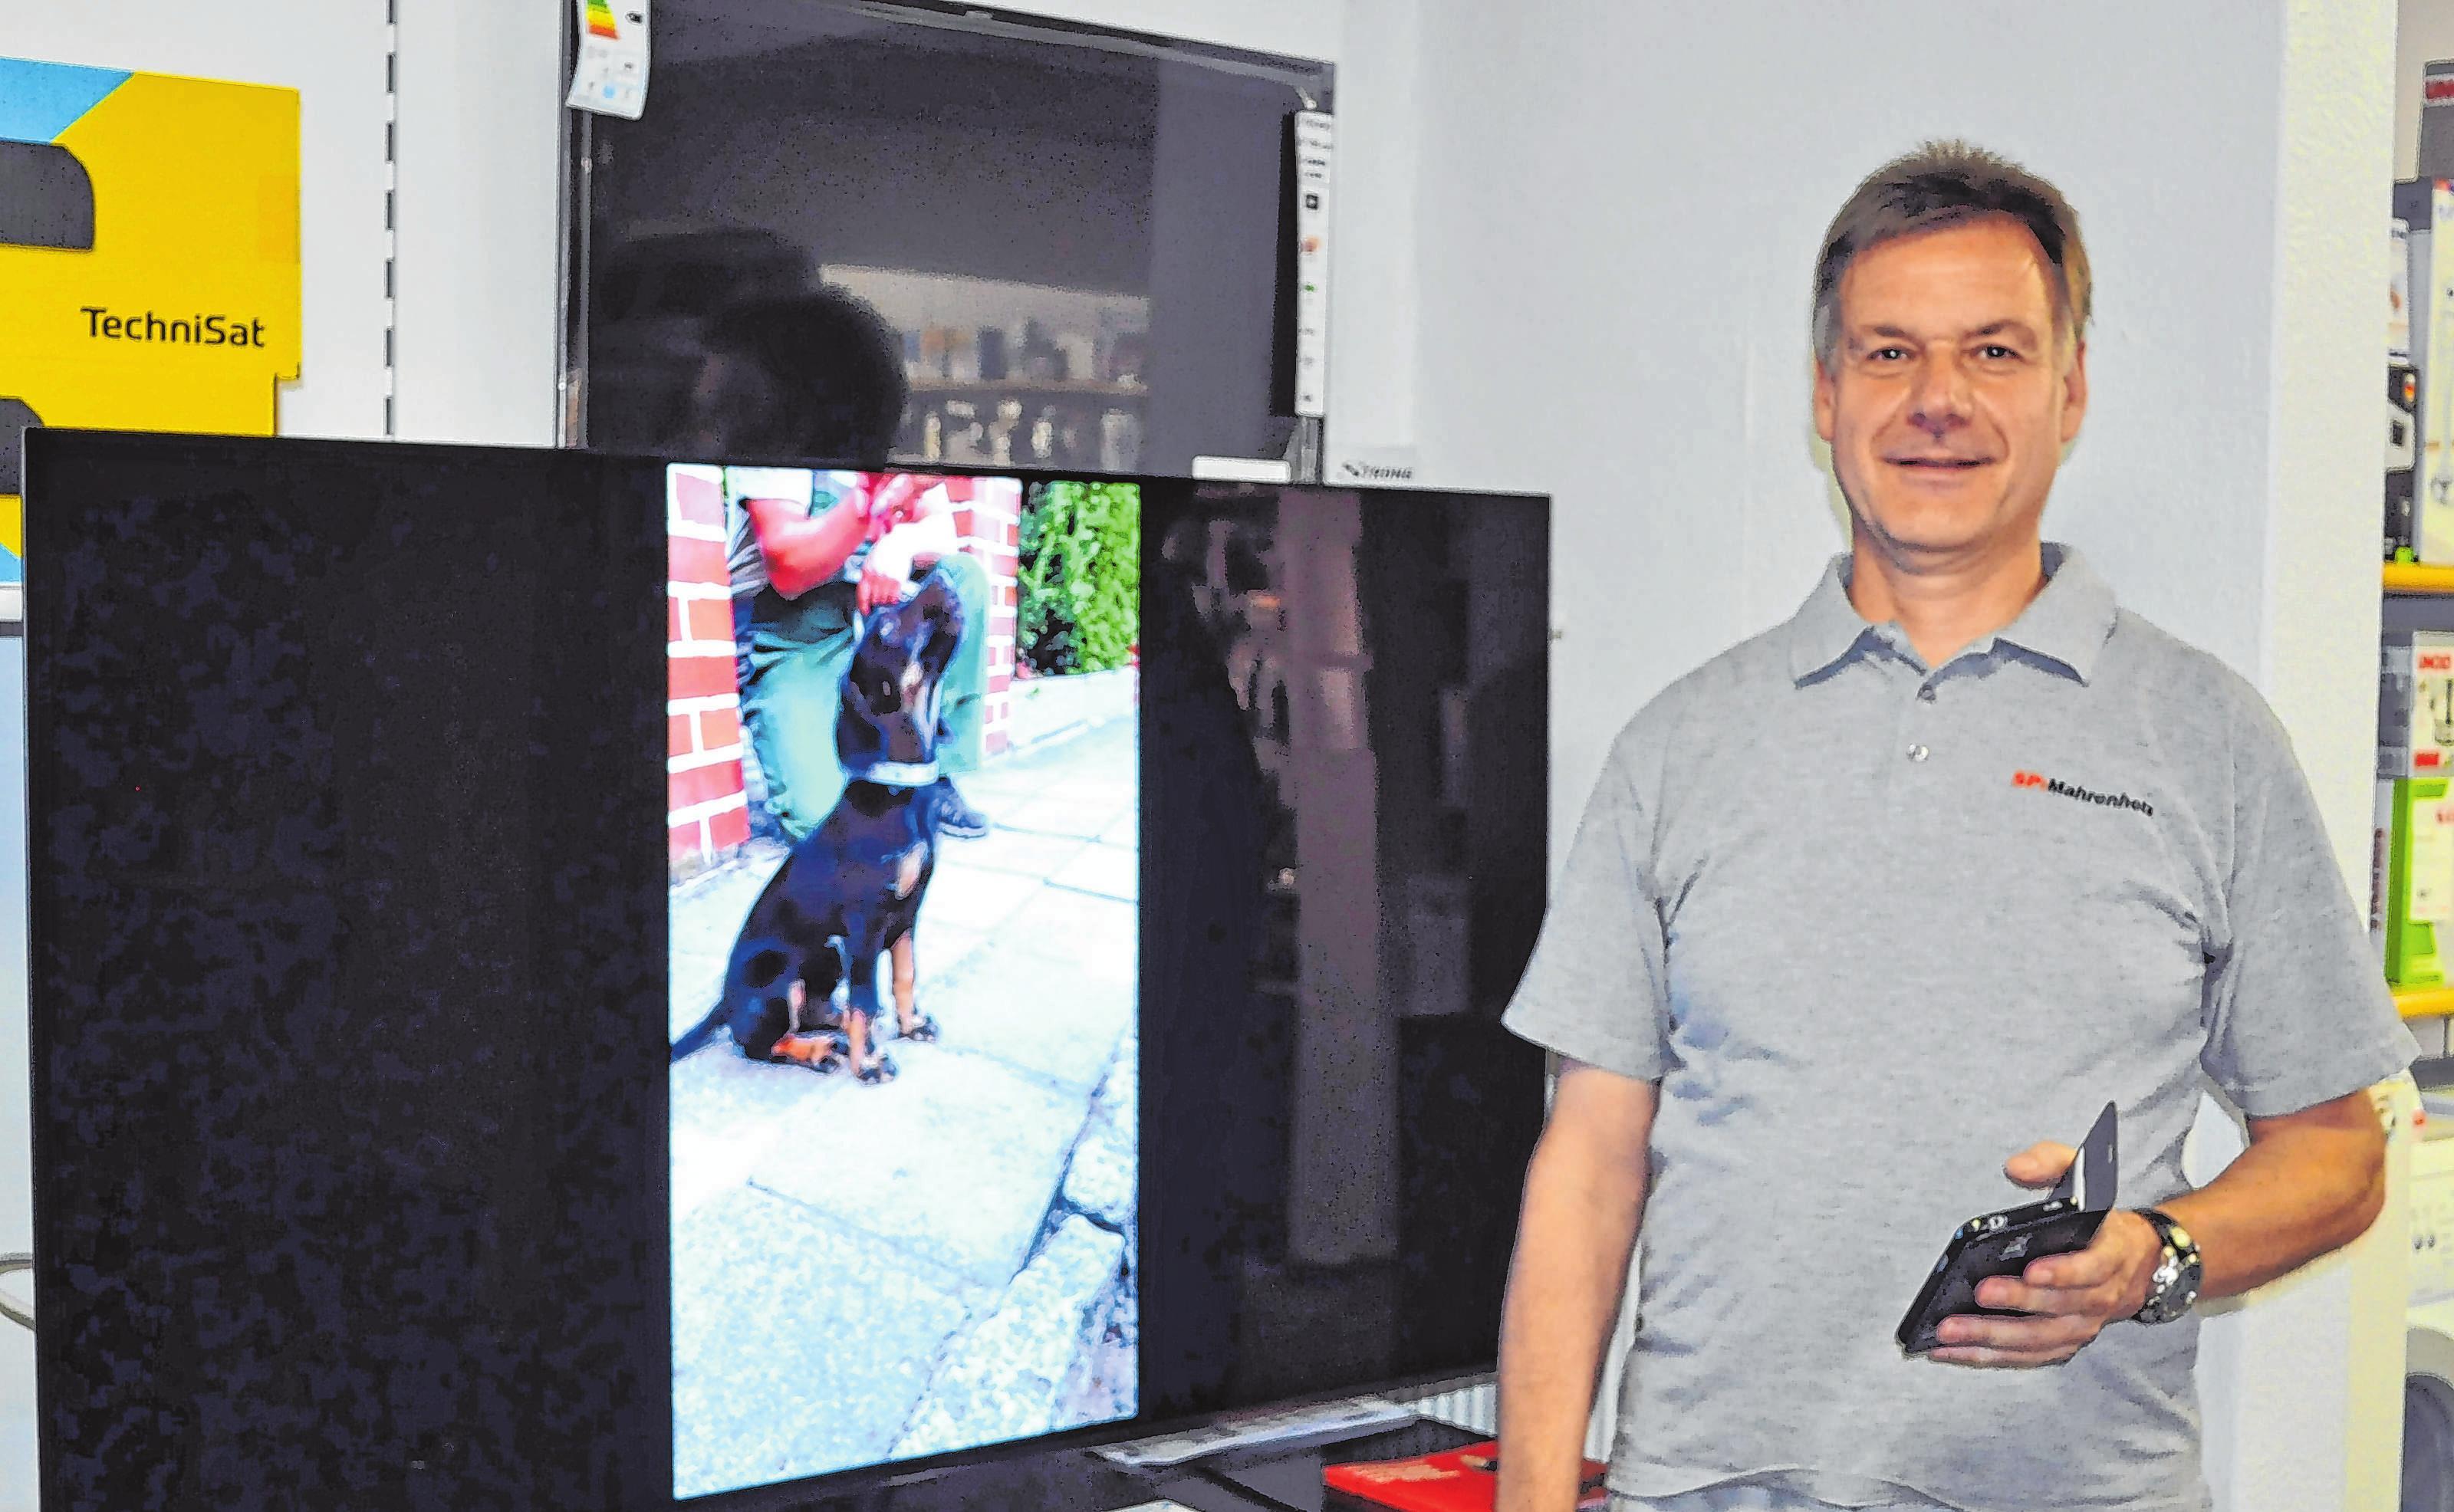 In Seelow in der Frankfurter Straße 59: Dirk Mahrenholz führt vor, wie die Übertragung von Handyfotos auf ein Fernsehdisplay funktioniert. Fotos: Cornelia Mikat